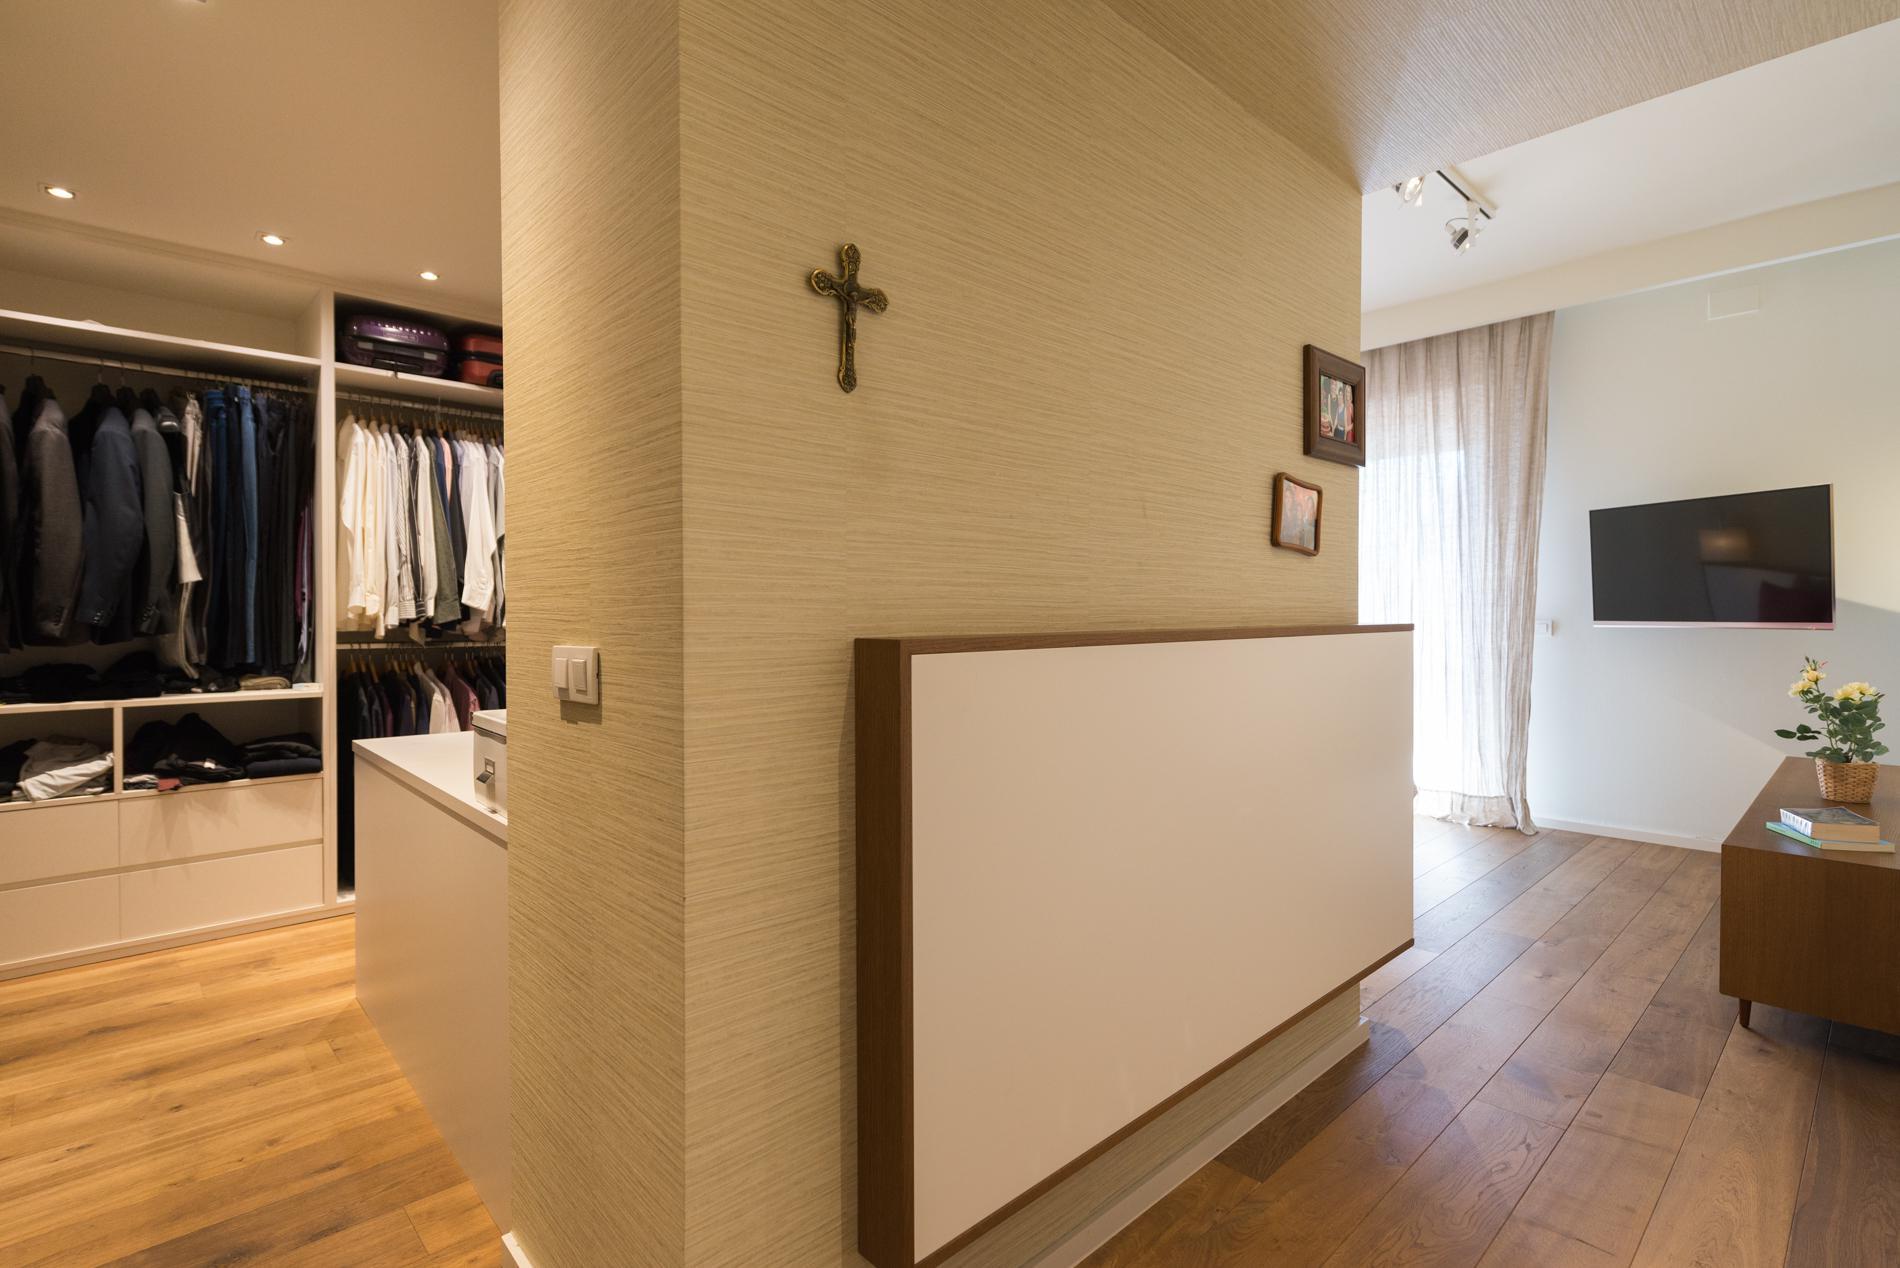 222426 Apartment for sale in Eixample, Dreta Eixample 19